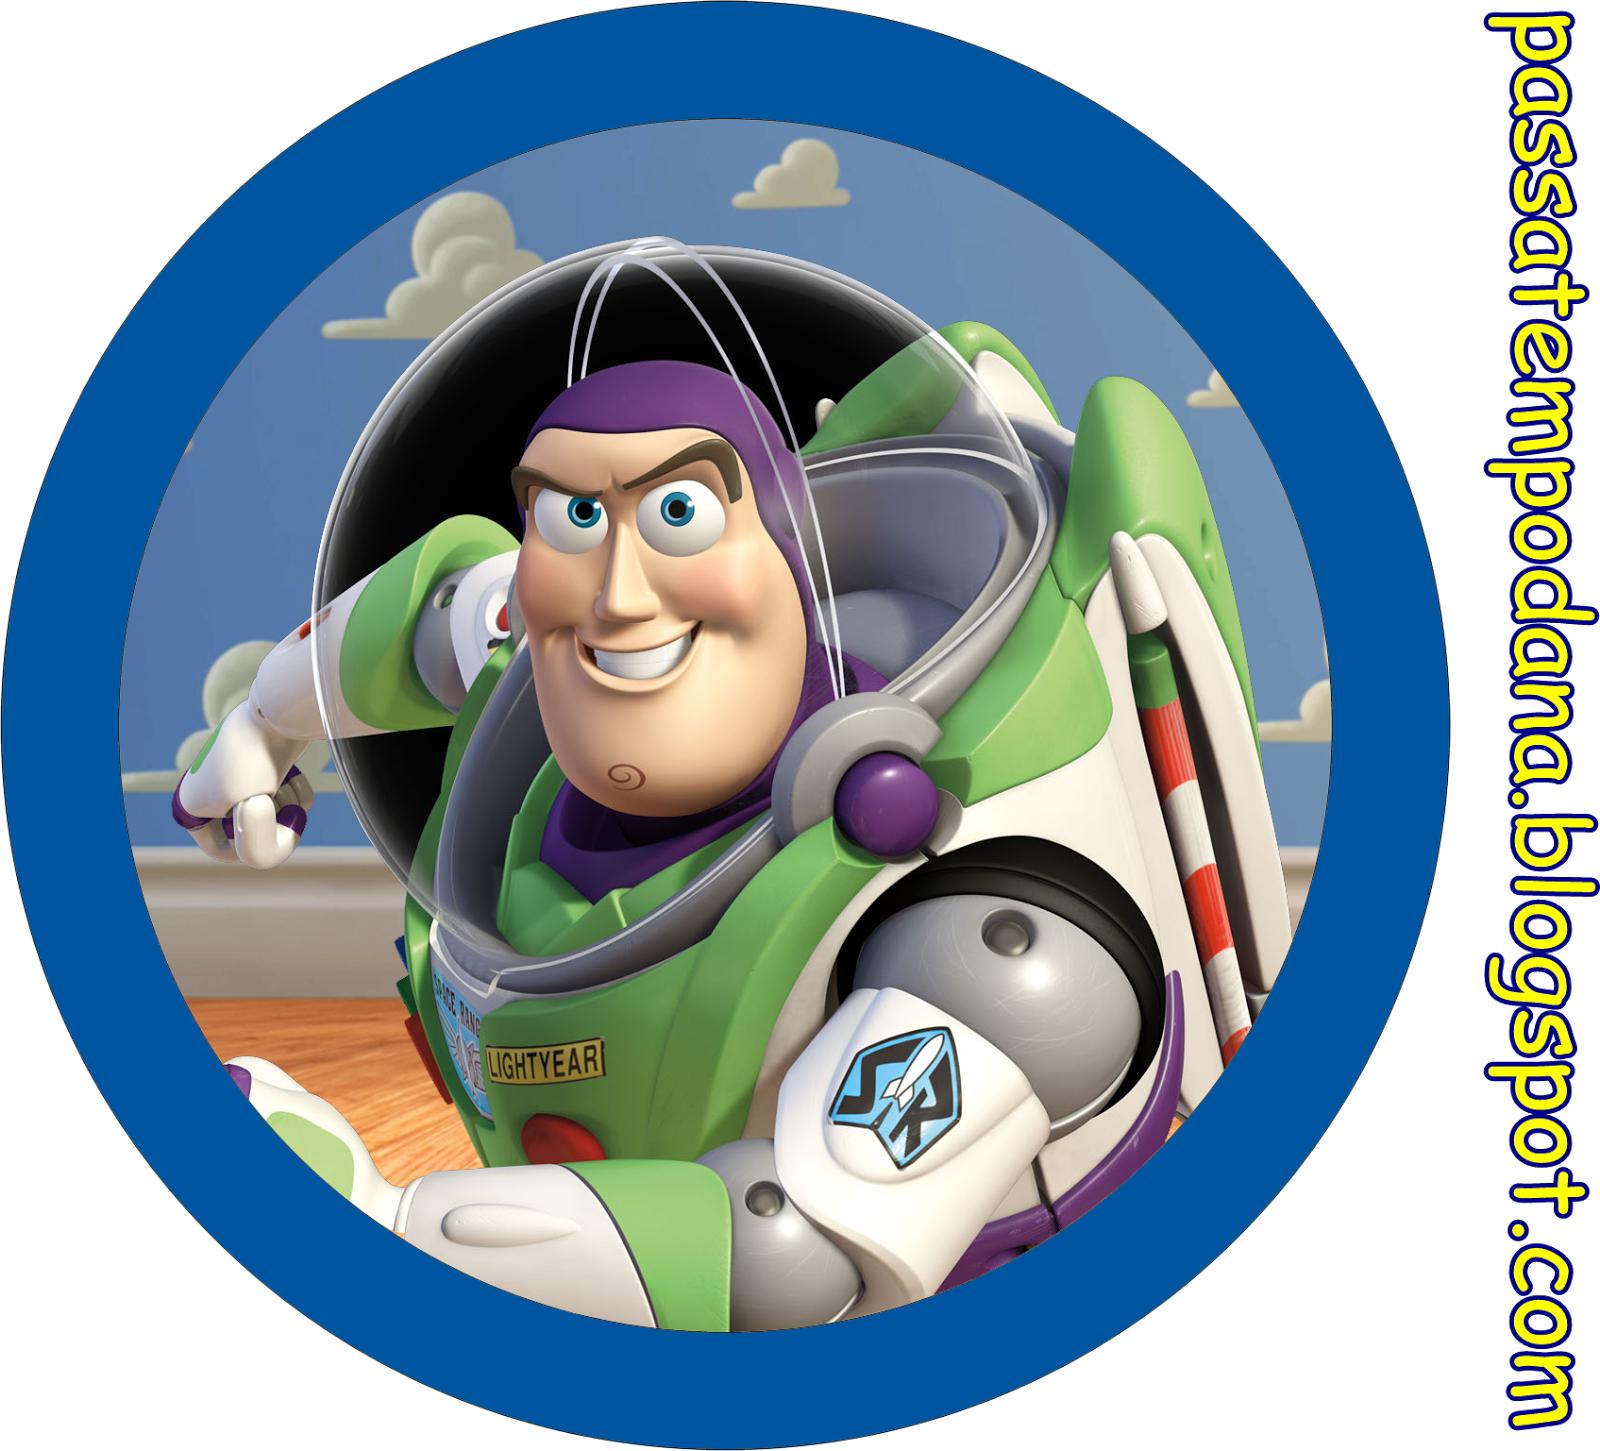 Toy story invitaciones y etiquetas para candy bar para imprimir gratis buzz lightyear en - Cochon de toy story ...